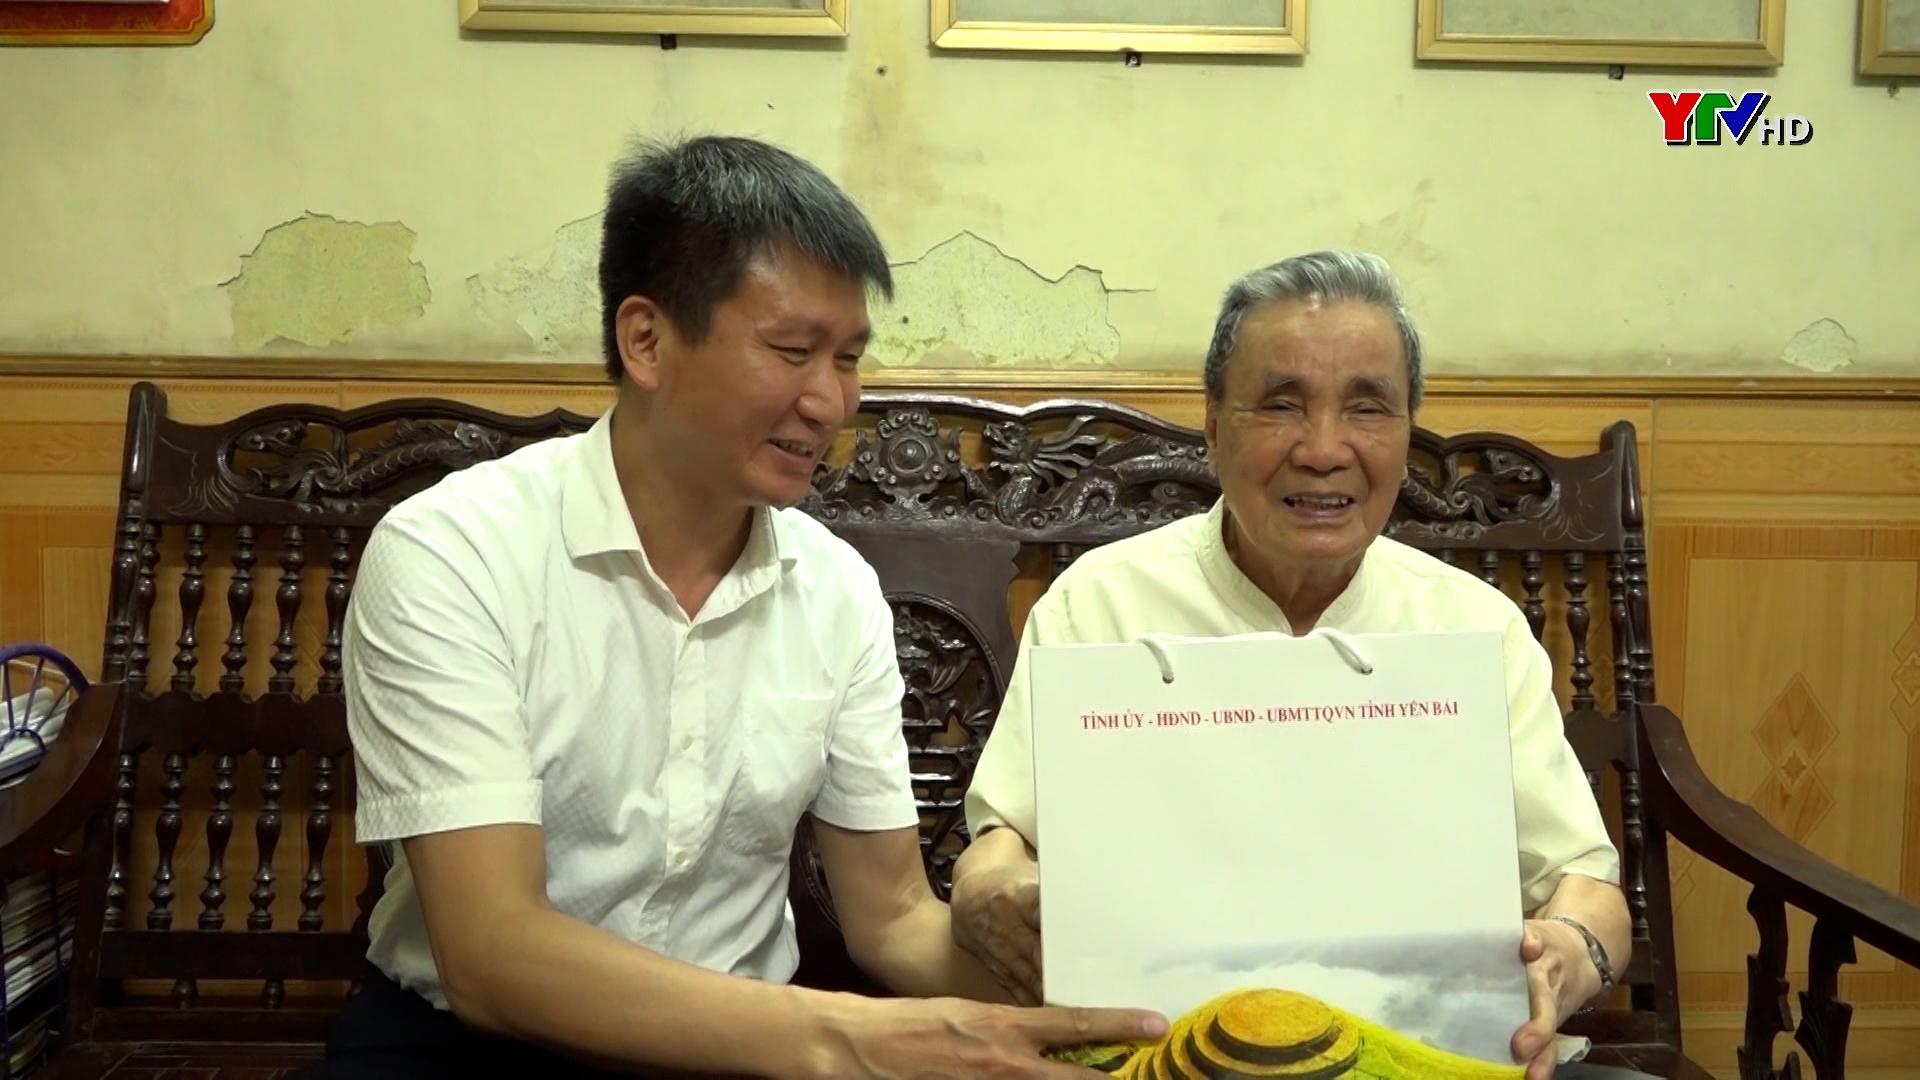 Đồng chí Chủ tịch UBND tỉnh thăm và tặng quà các đồng chí nguyên lãnh đạo tỉnh qua các thời kỳ